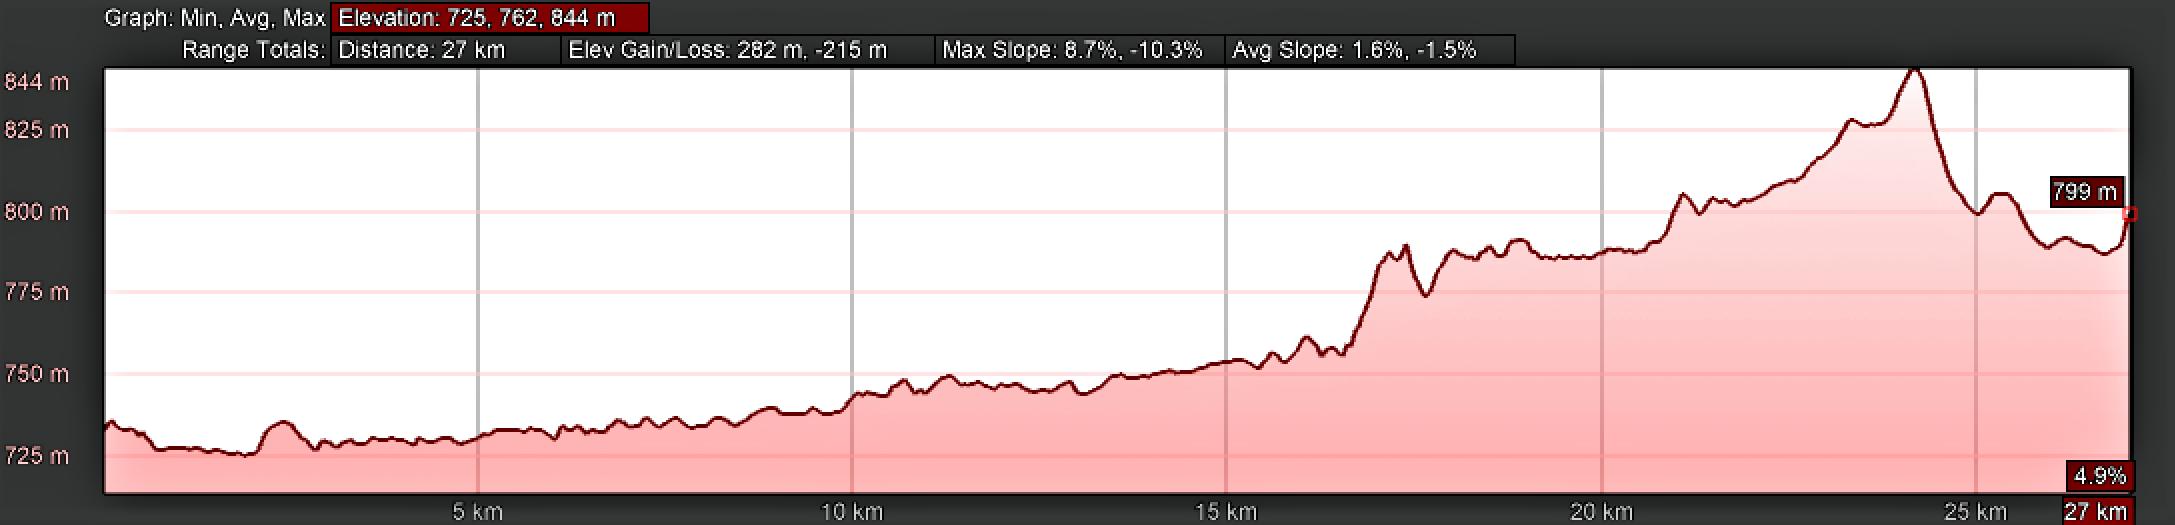 Elevation Profile, Camino Sanabrés, Santa Marta de Tera to Rionegro del Puente